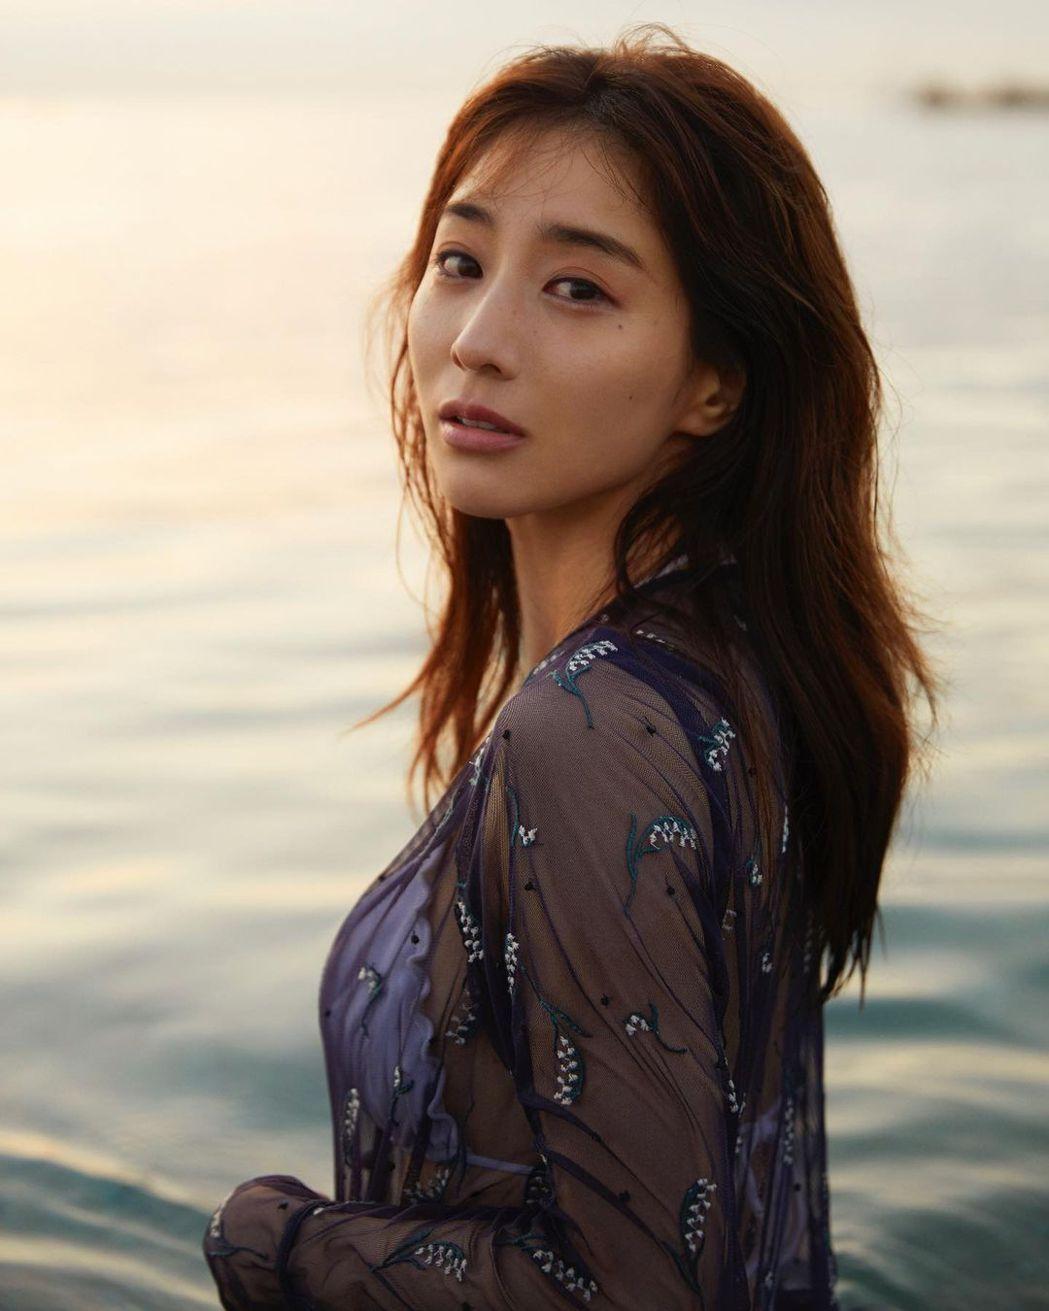 田中美奈實獲得日本雜誌票選2020年最美臉孔冠軍。圖/擷自instagram。